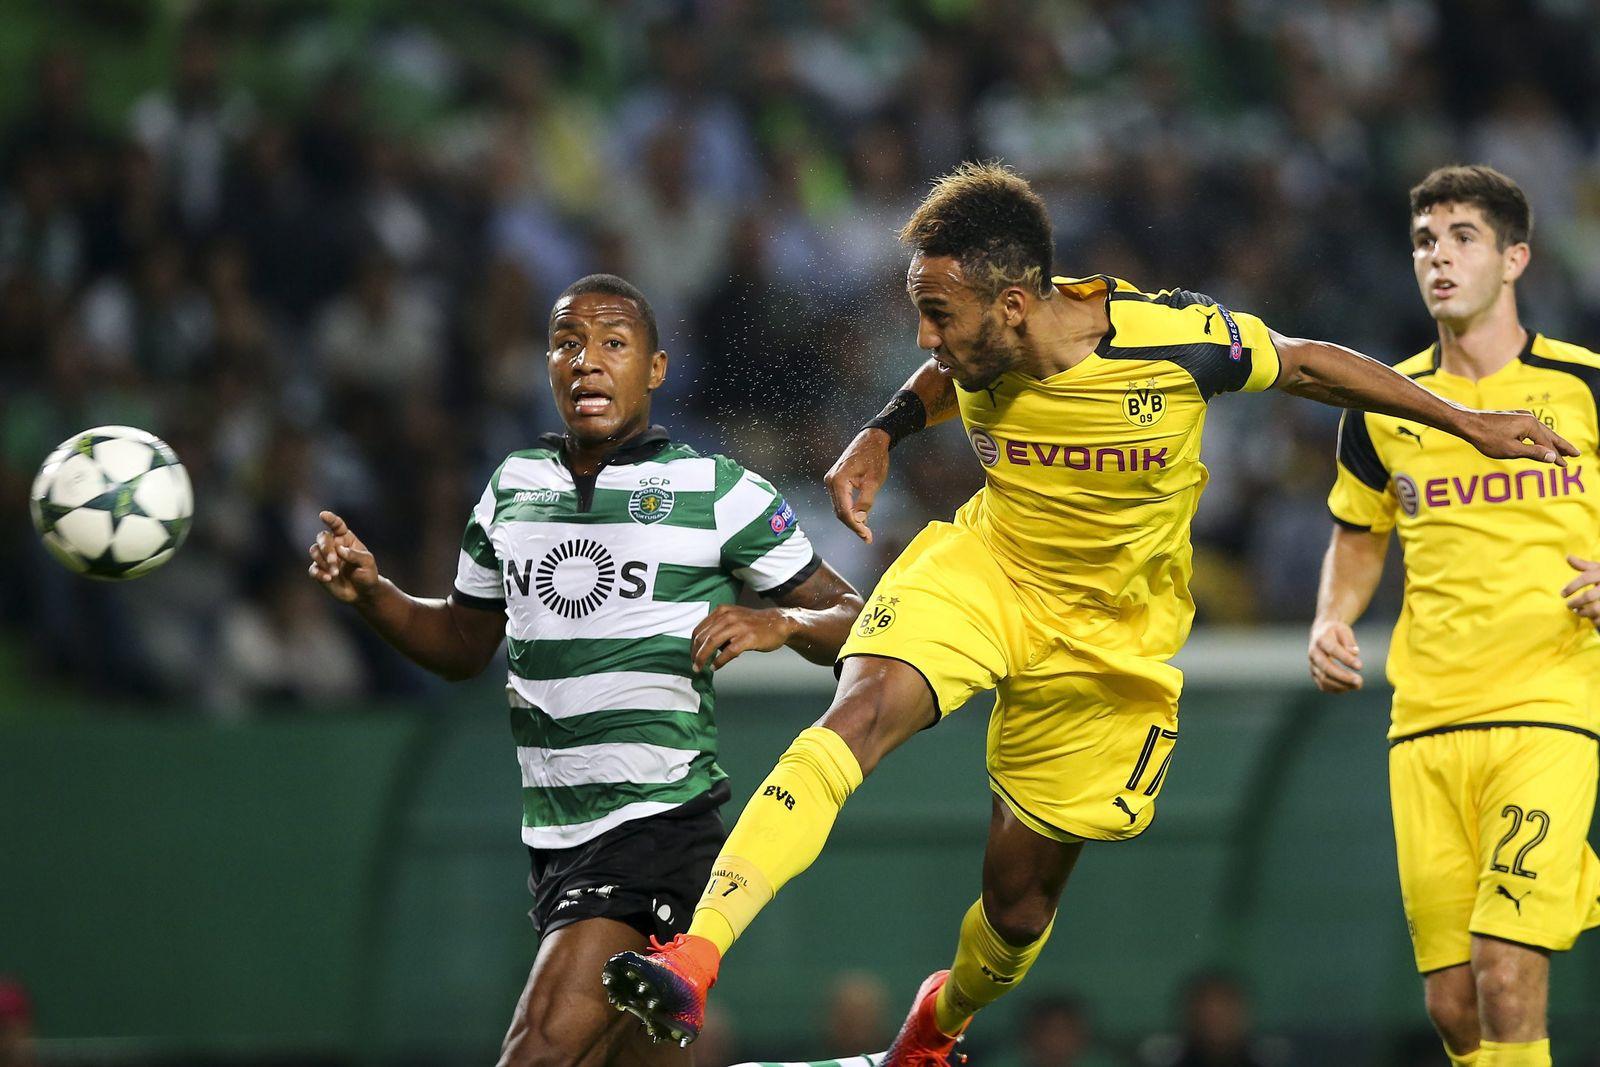 Sporting Lisbon vs Borussia Dortmund